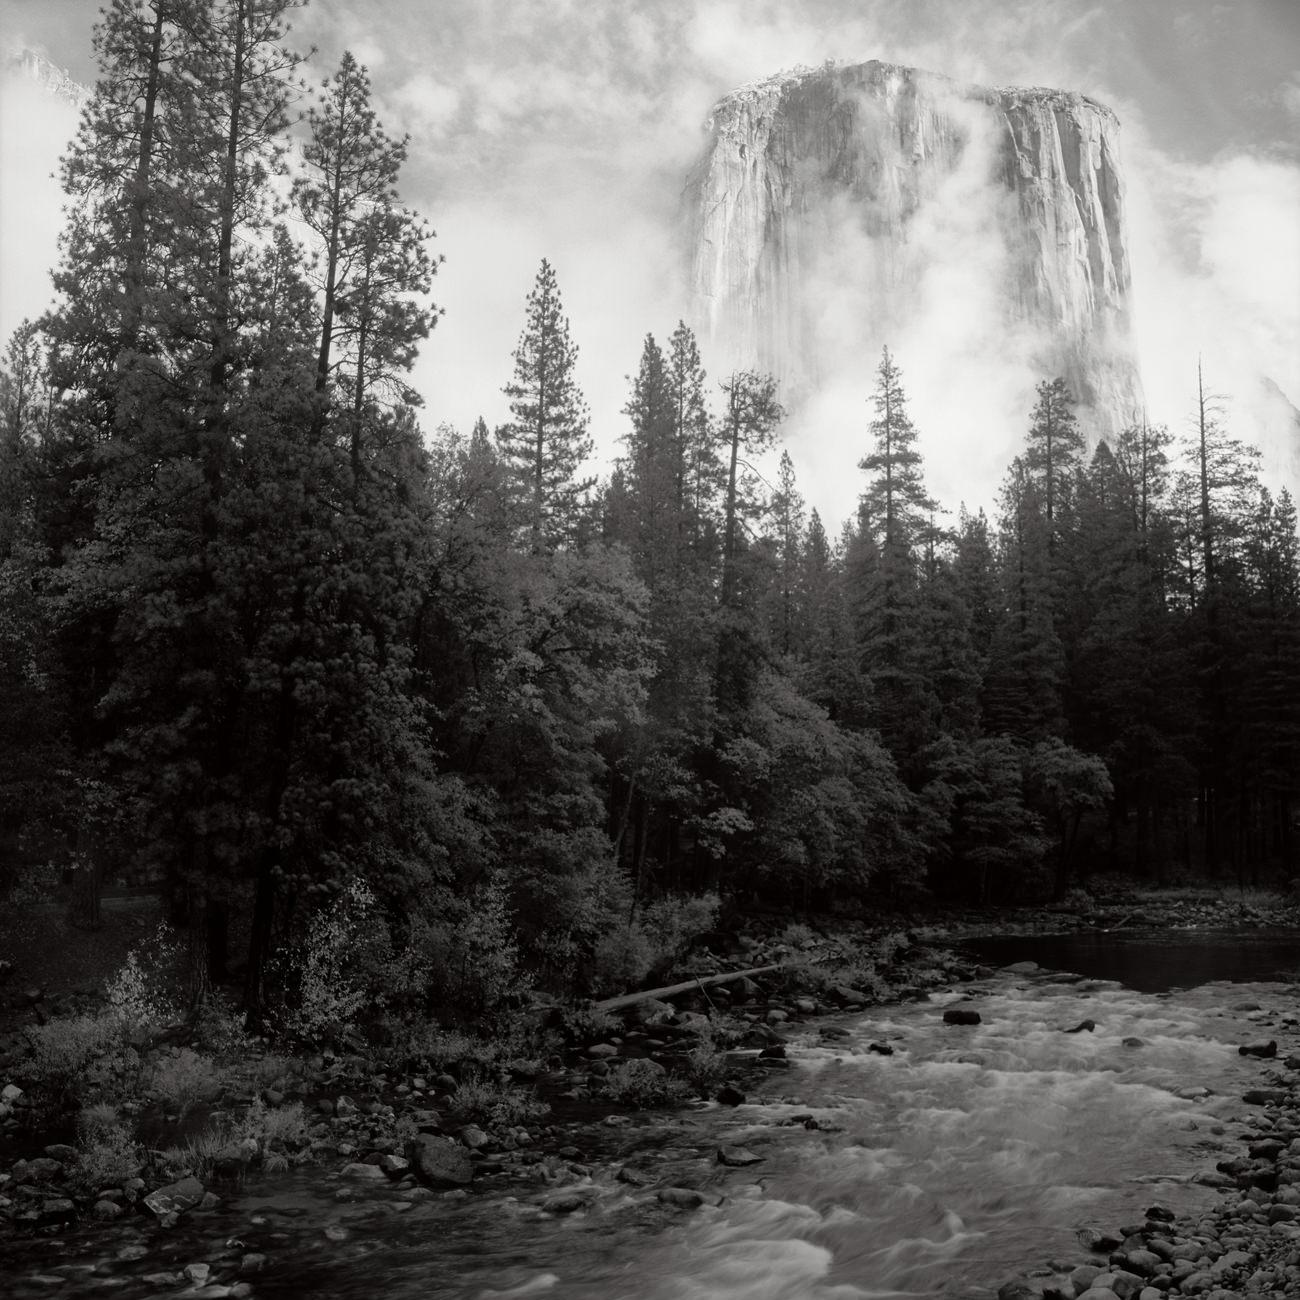 Yosemite_08037.jpg